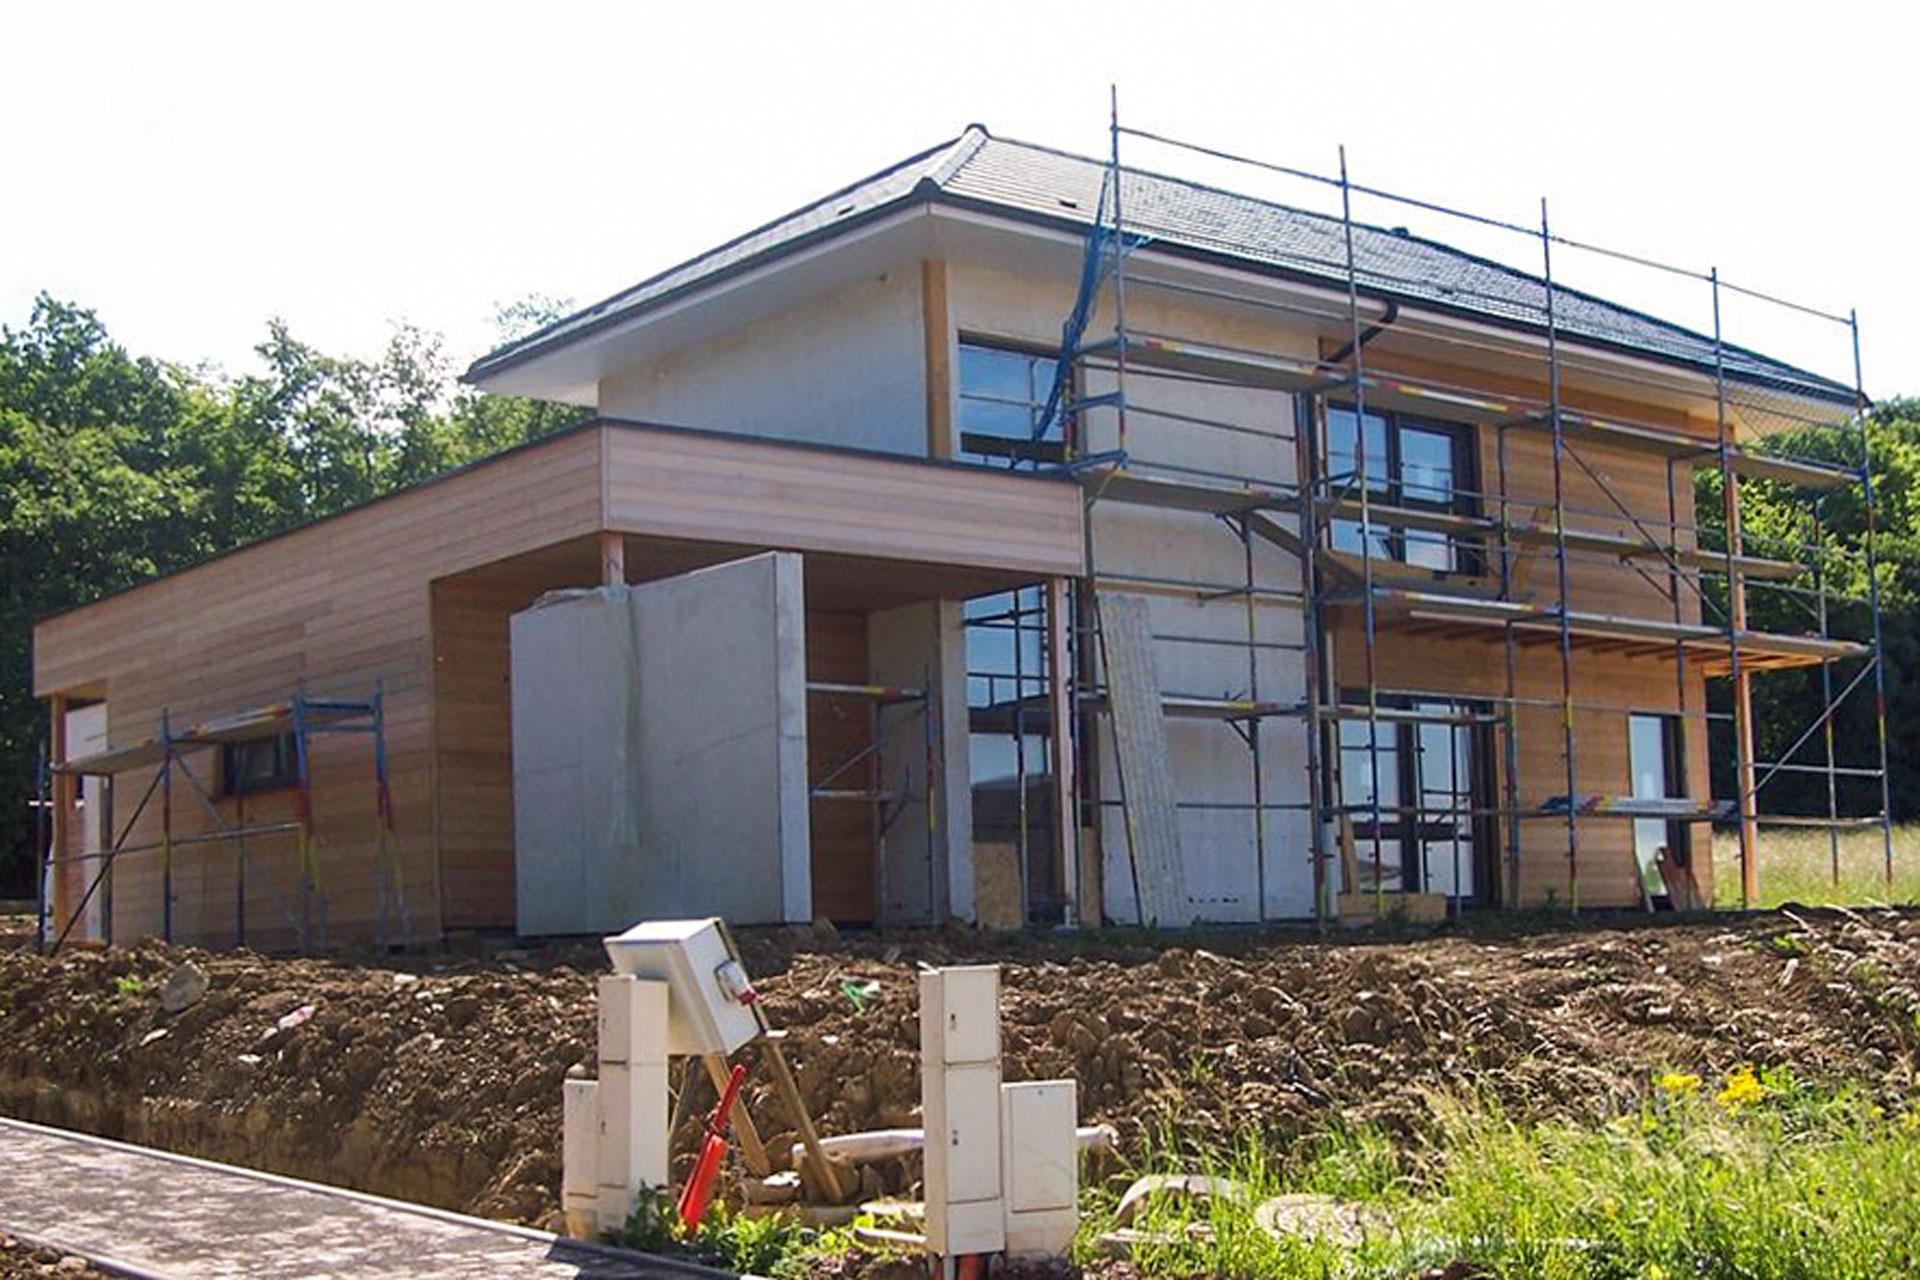 Maison contemporaine 07 13 for Maison moderne nancy